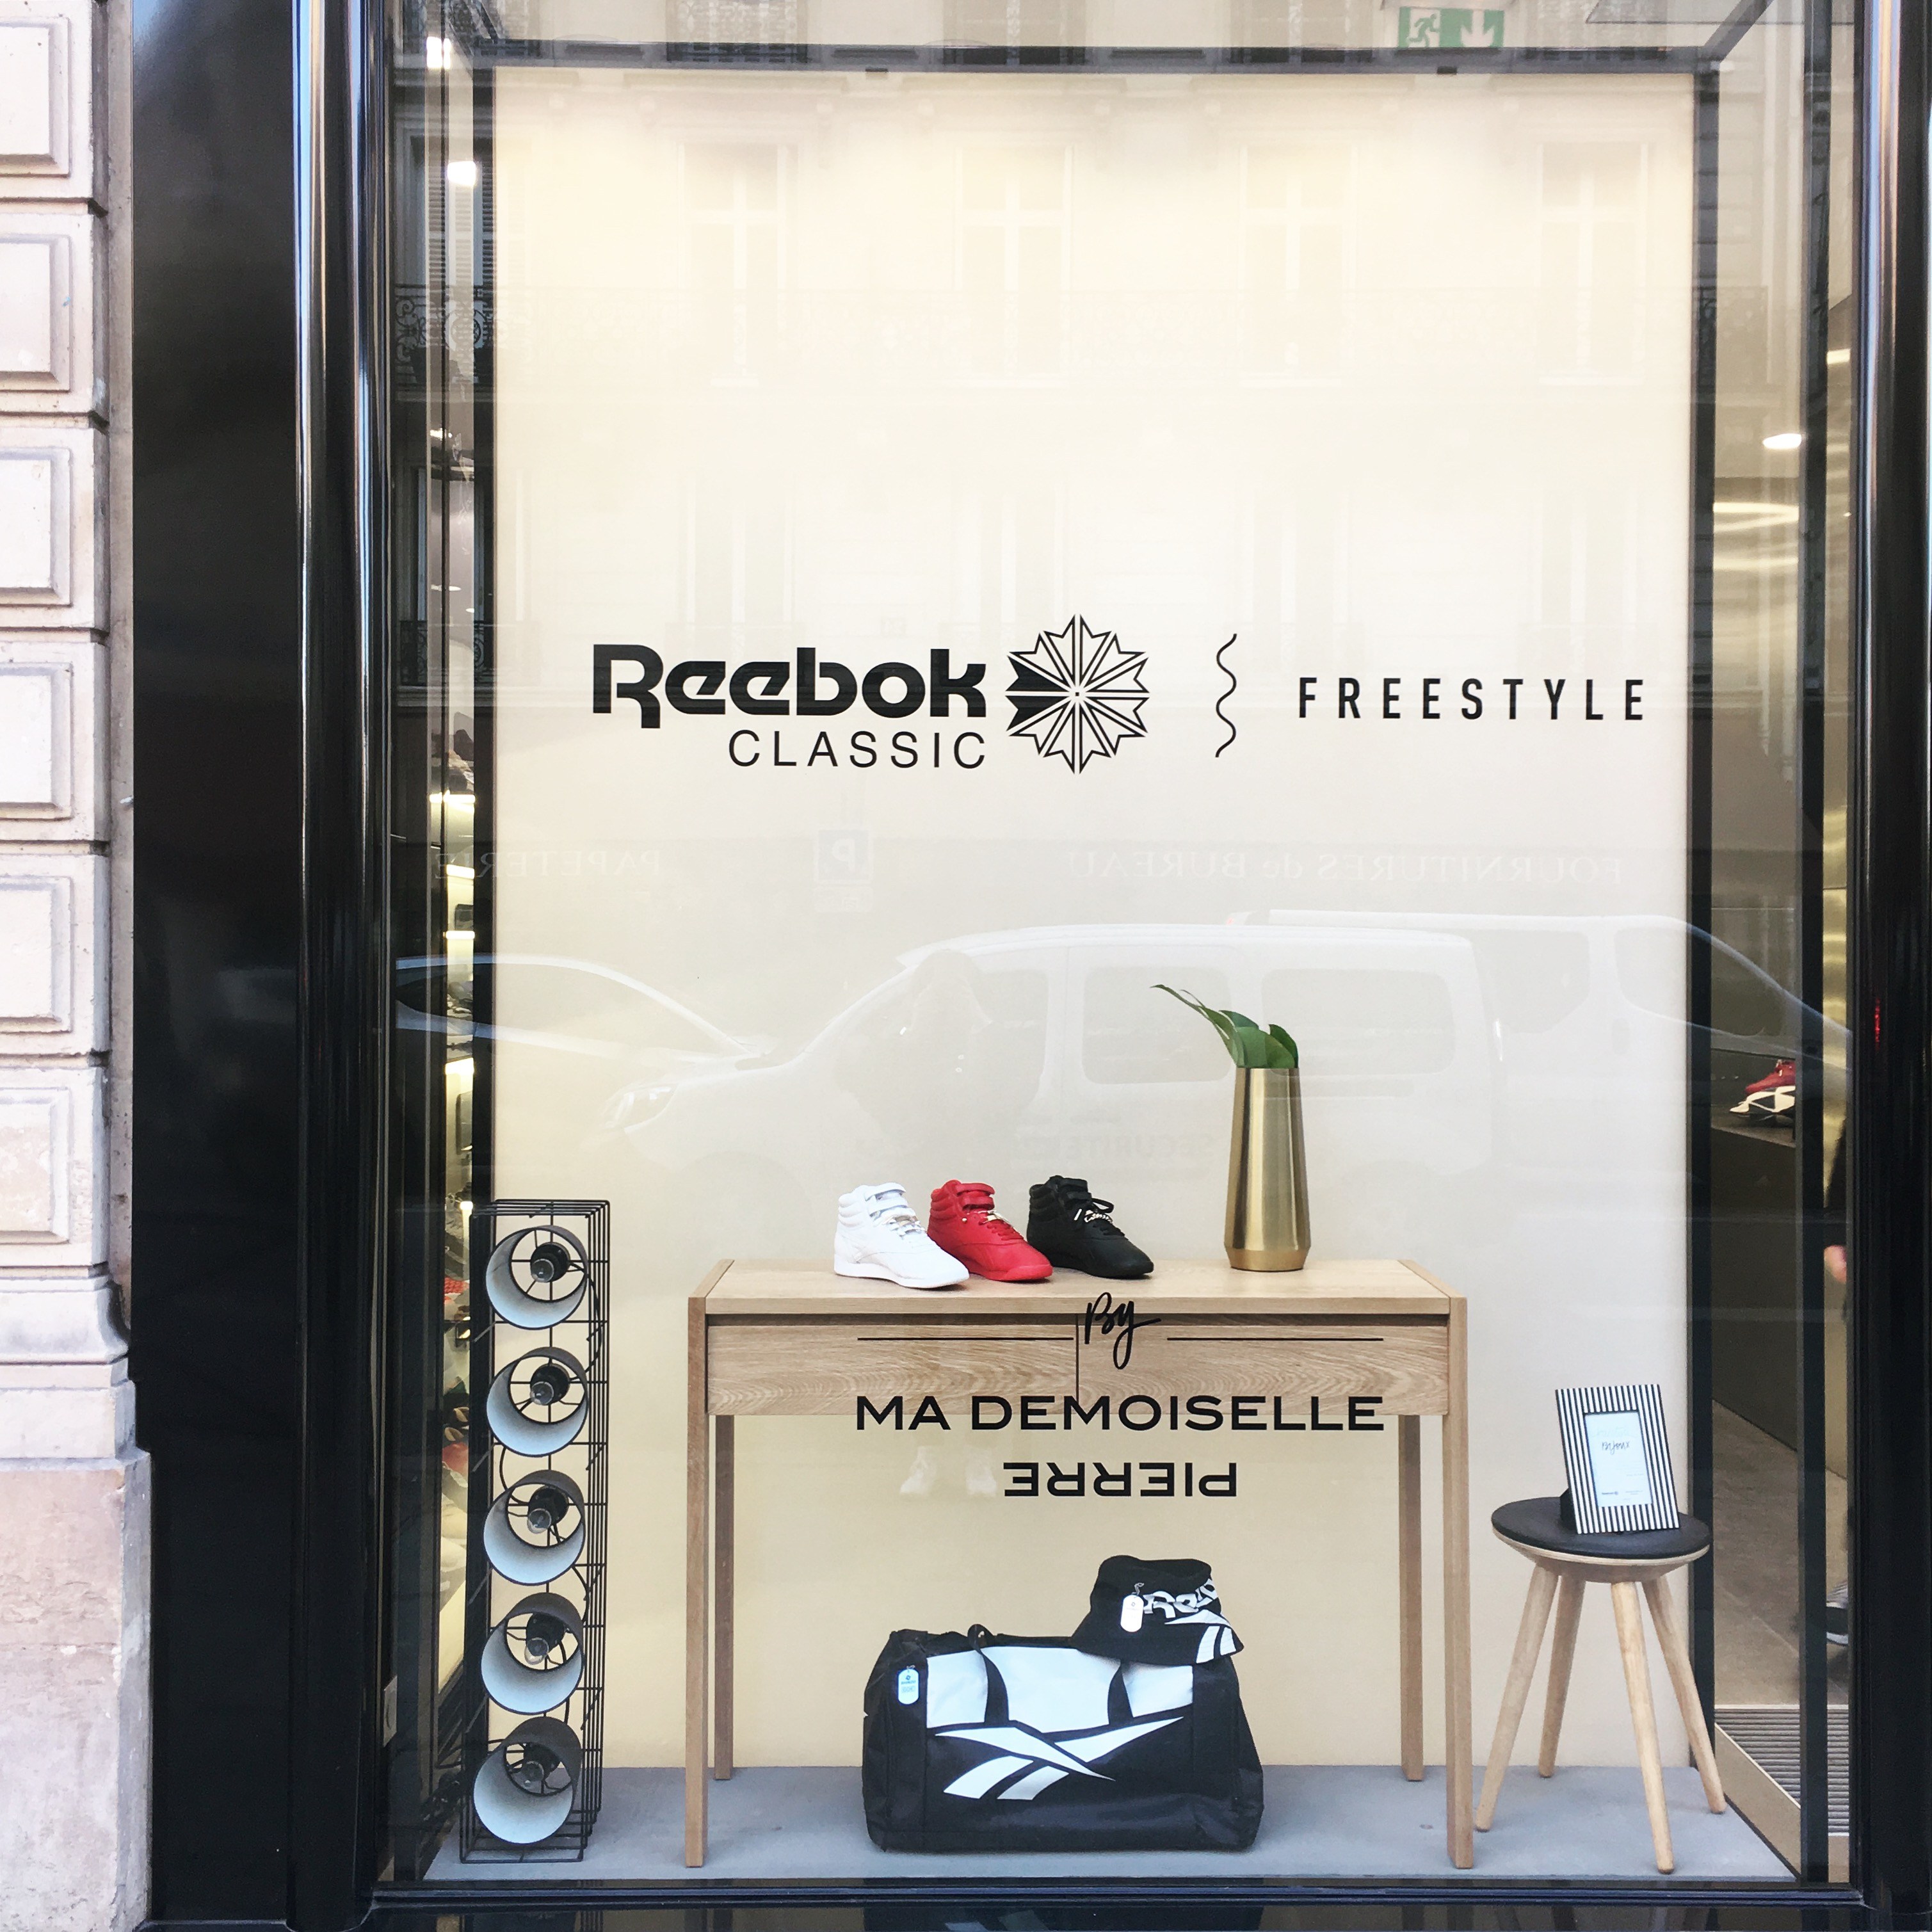 REEBOK x Ma Demoiselle Pierre 2017